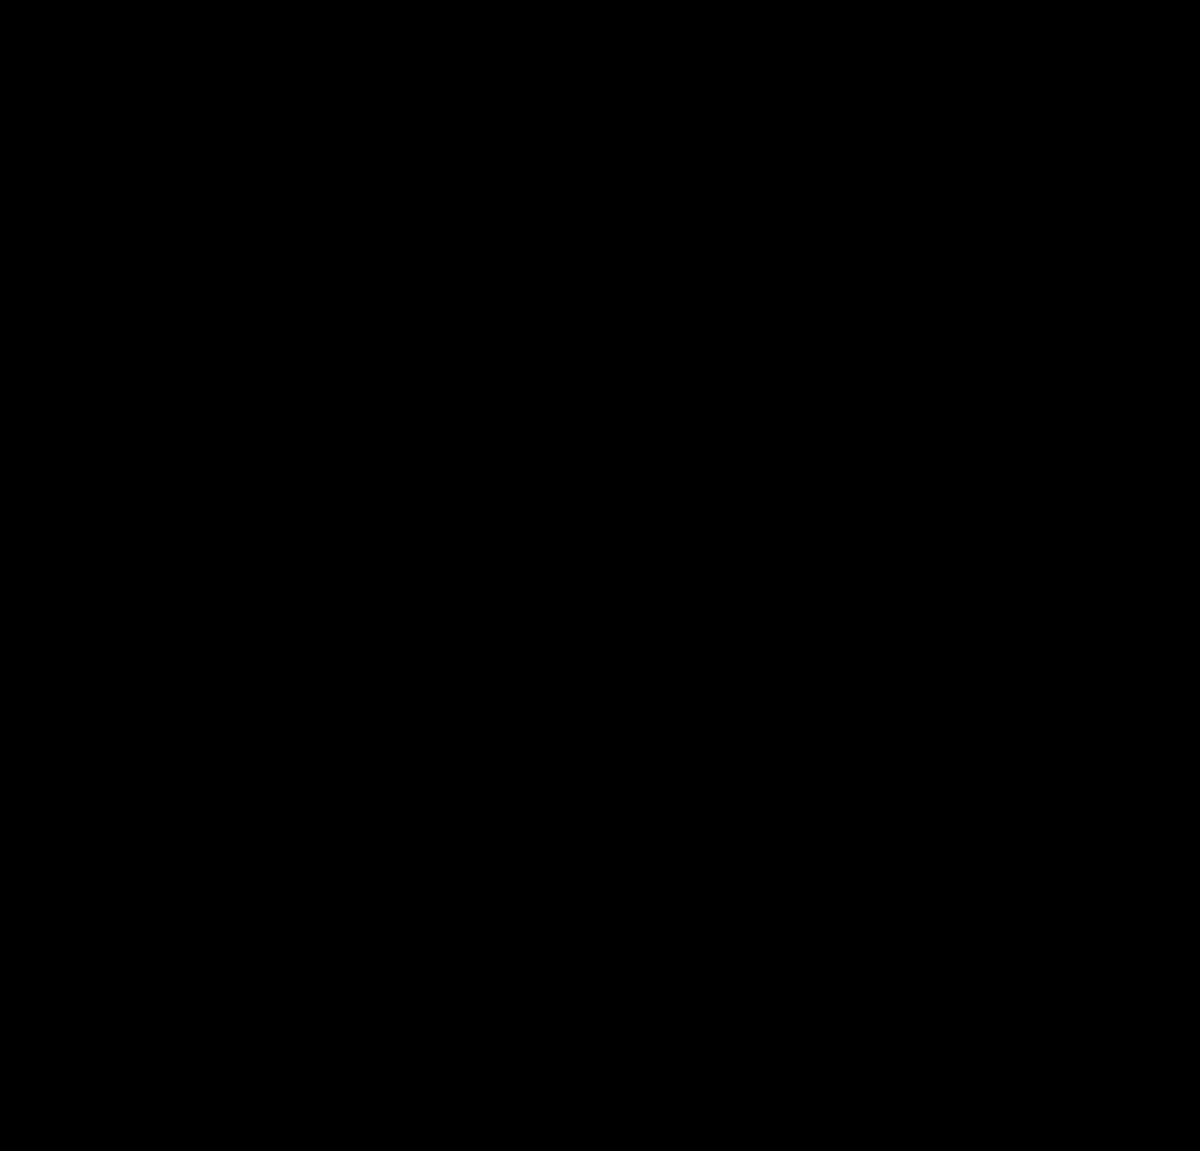 Malyshev valutab polve